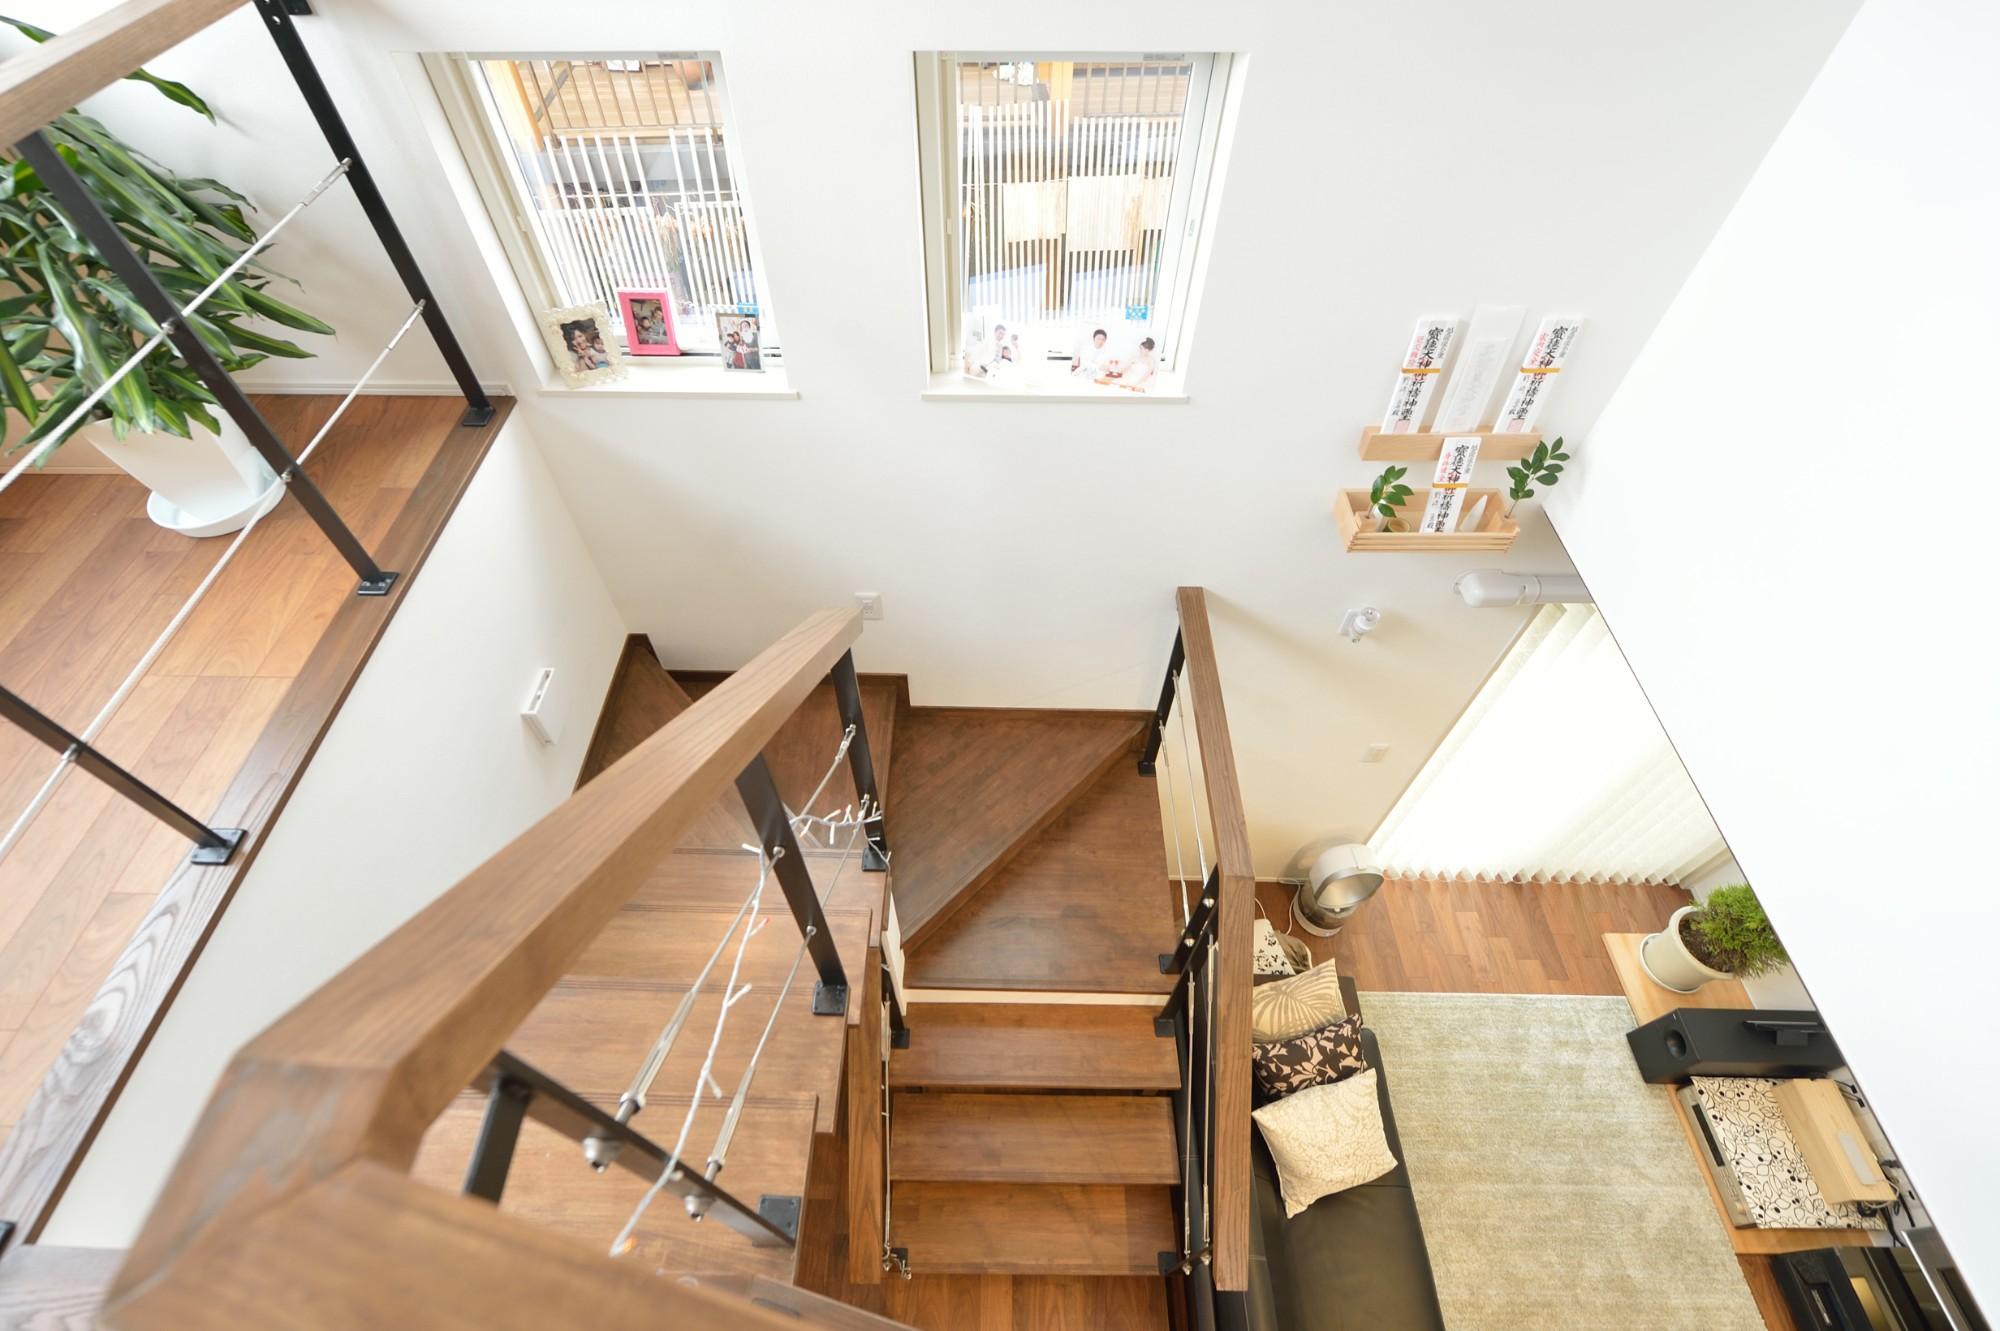 家'Sハセガワ株式会社「雑貨が似合う家」のシンプル・ナチュラルな階段の実例写真